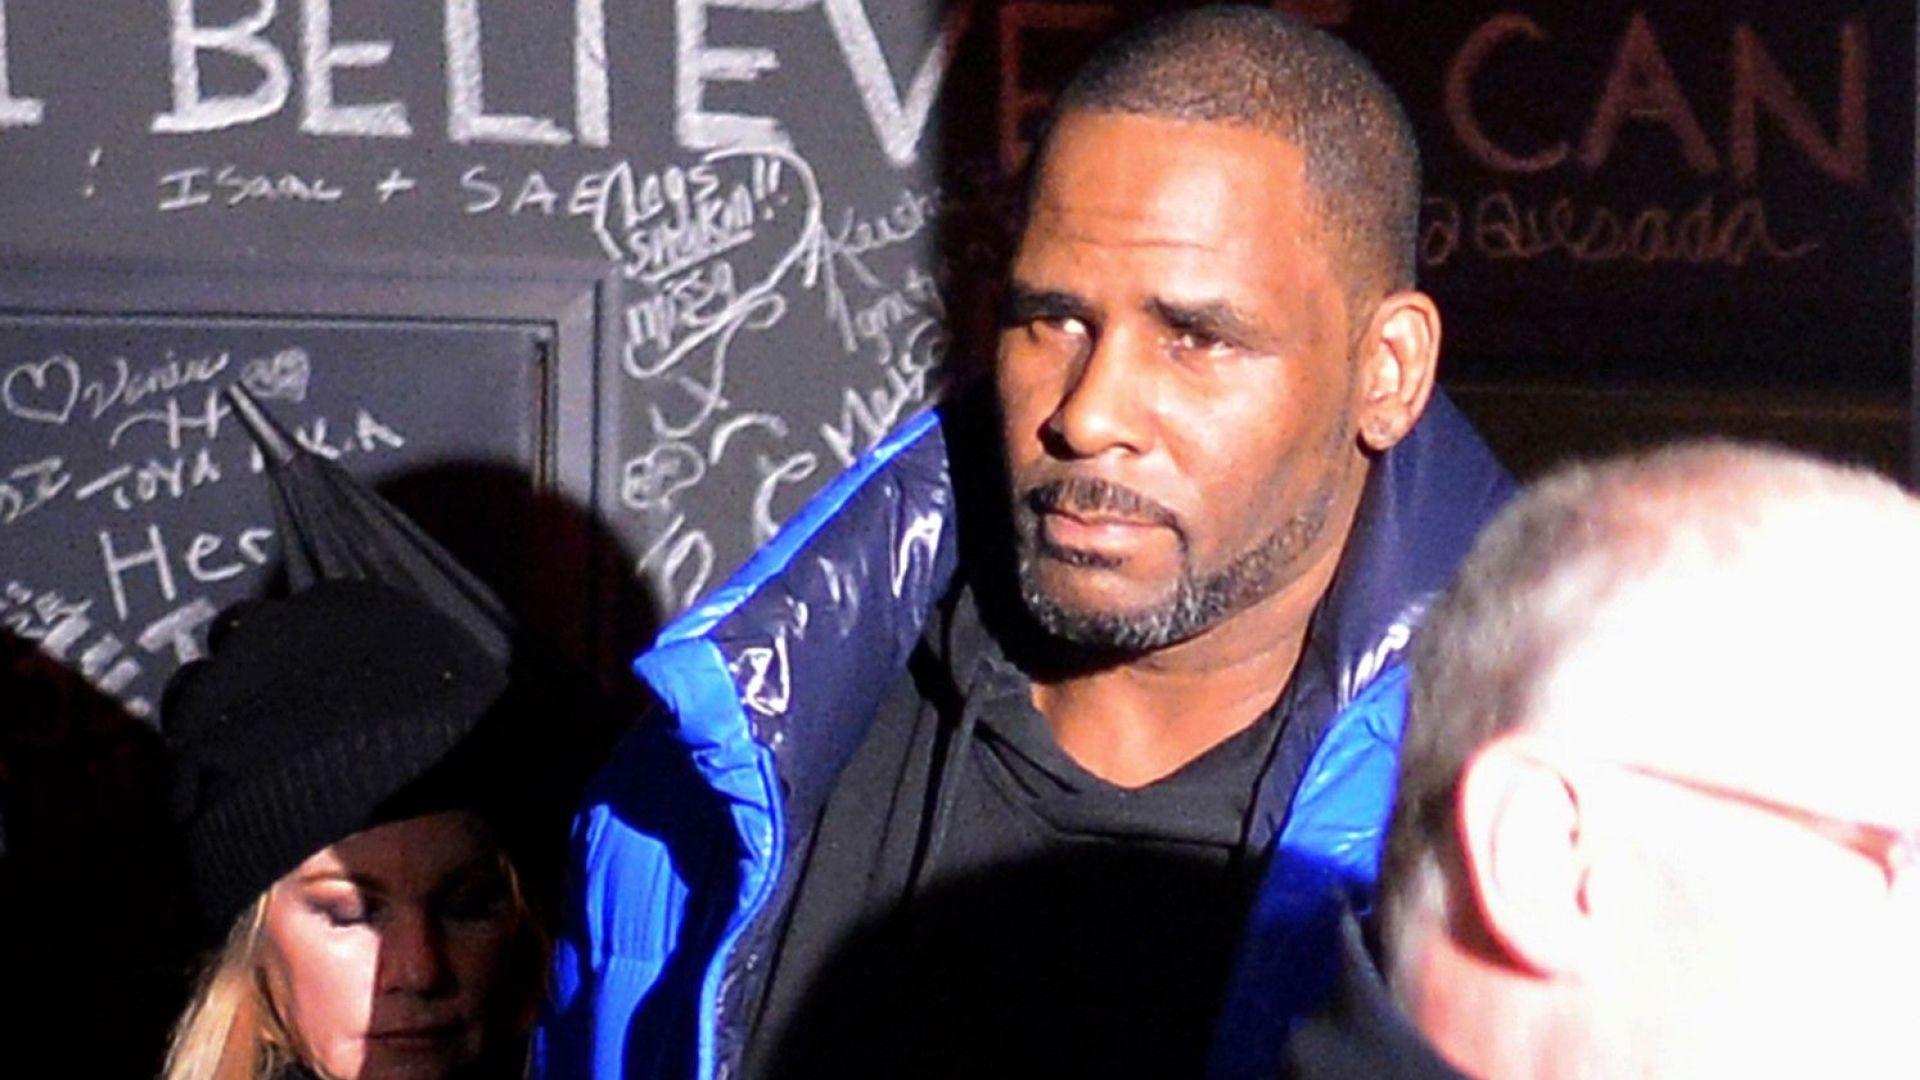 R. Kelly може да излезе от ареста срещу гаранция от 1 милион долара